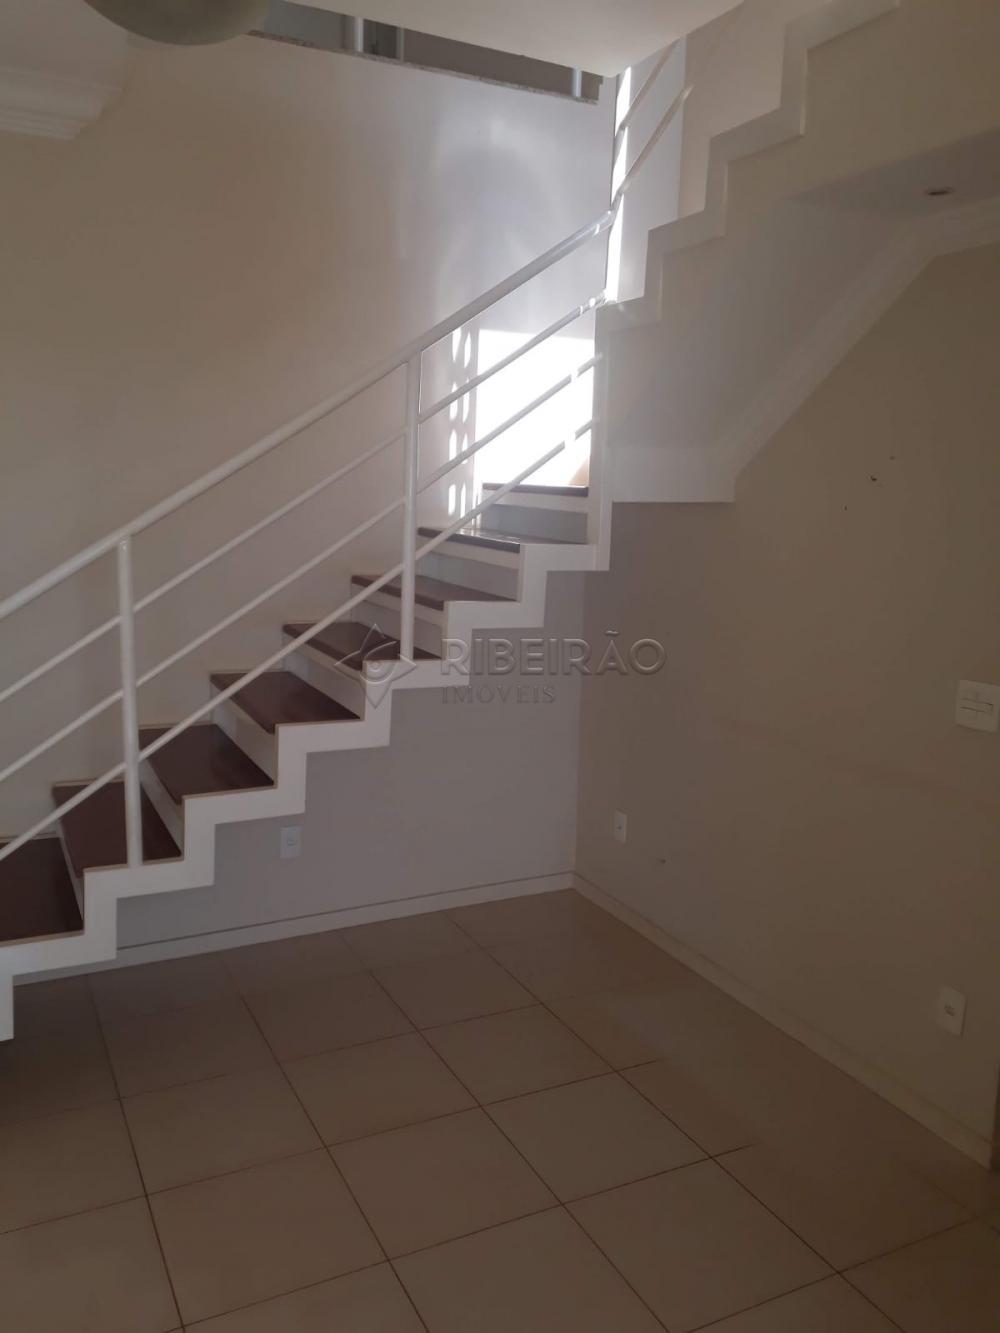 Comprar Apartamento / Padrão em Ribeirão Preto apenas R$ 600.000,00 - Foto 39